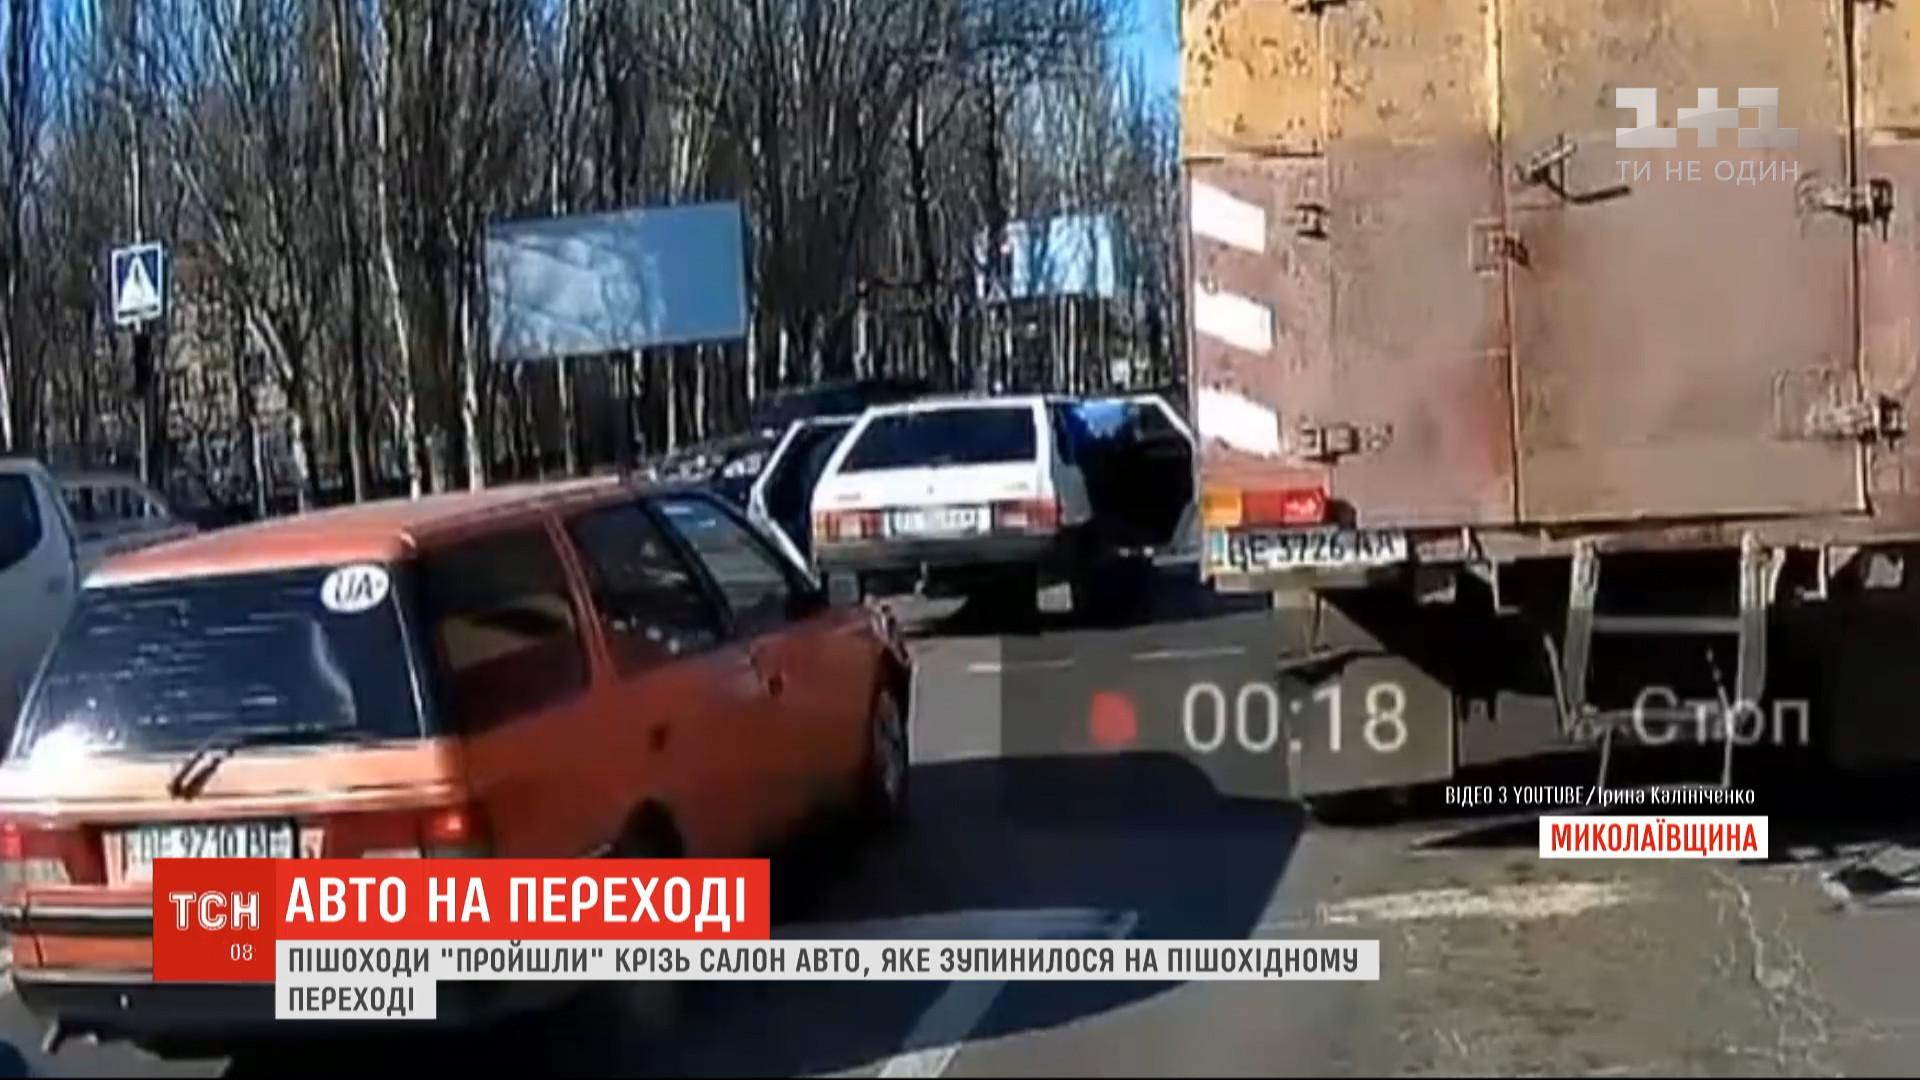 Інцидент стався в Миколаєві / скріншот з відео